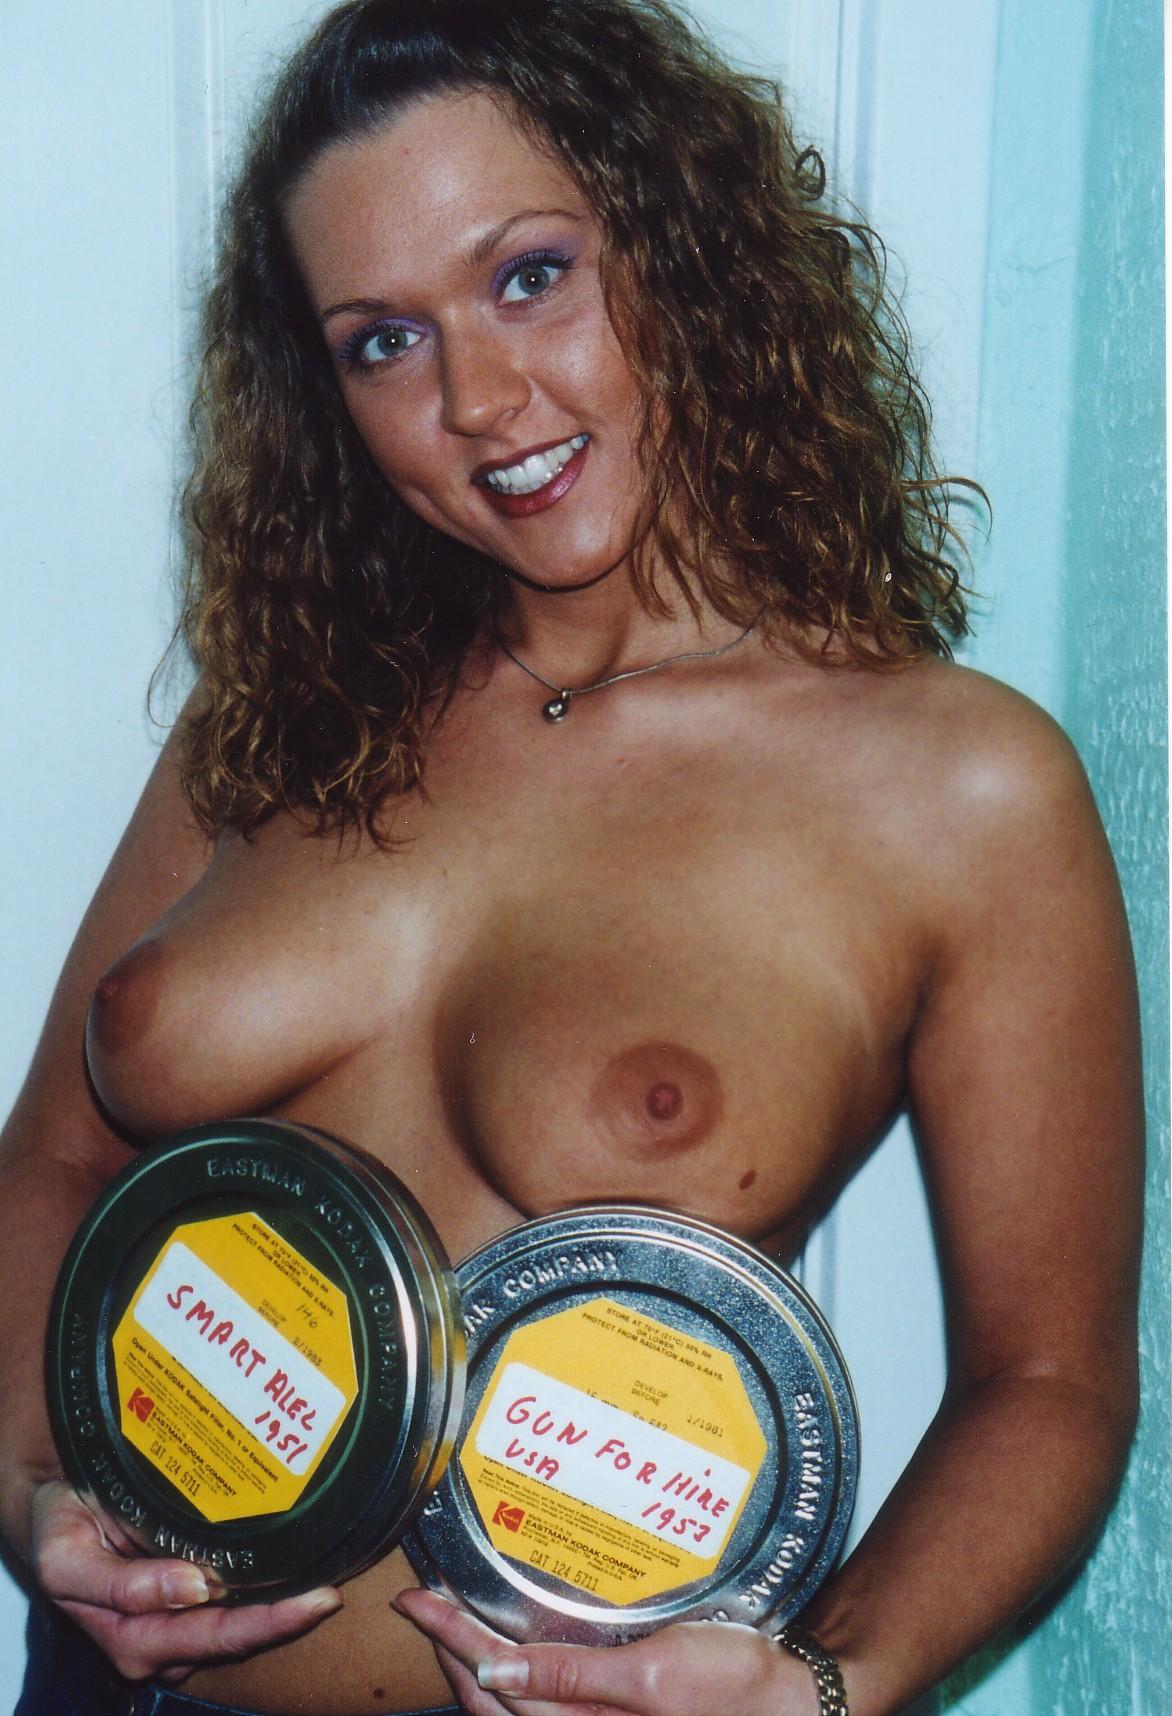 danske pornosider porno sex